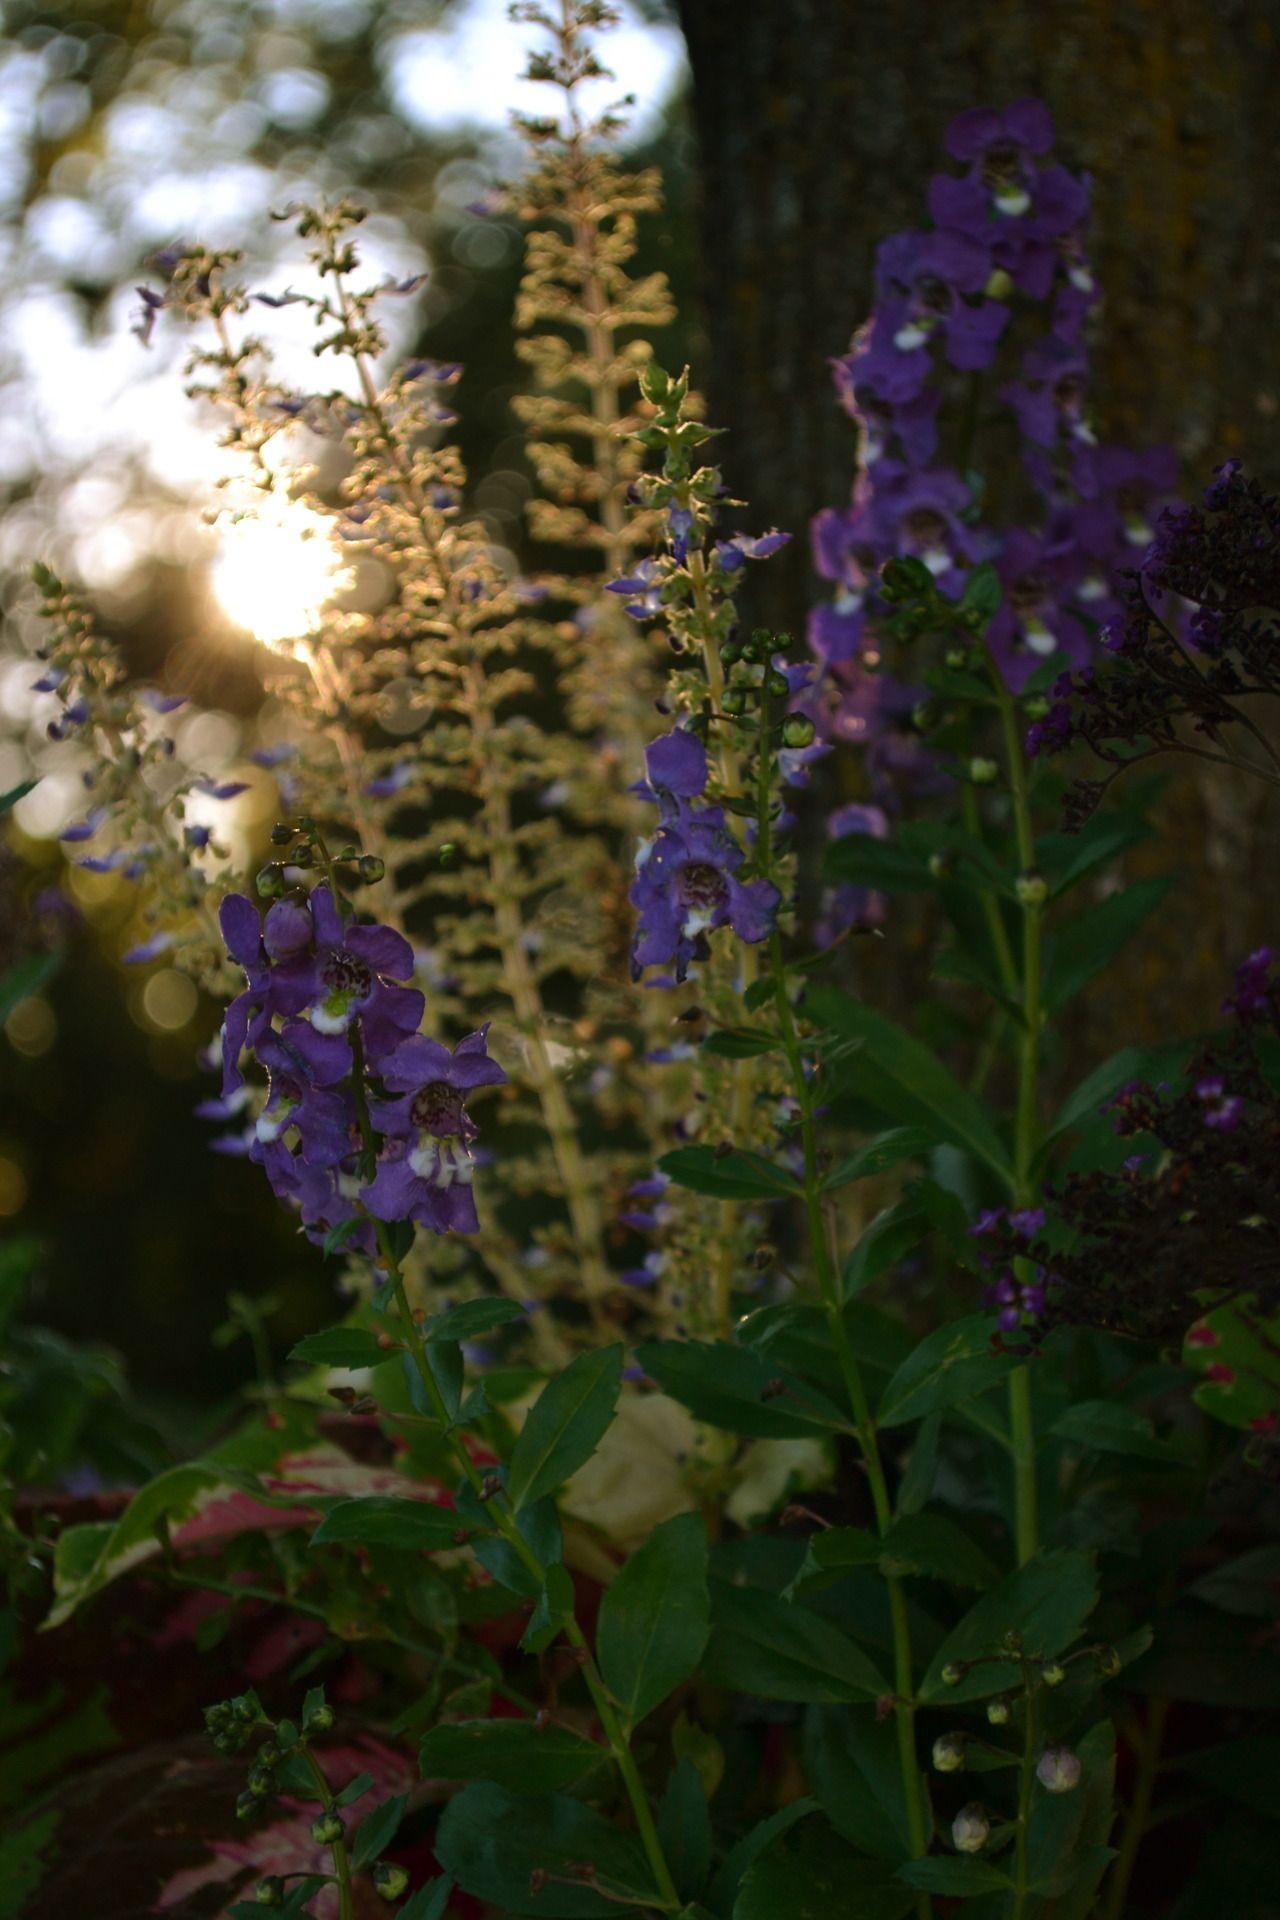 Tumblr - Garden